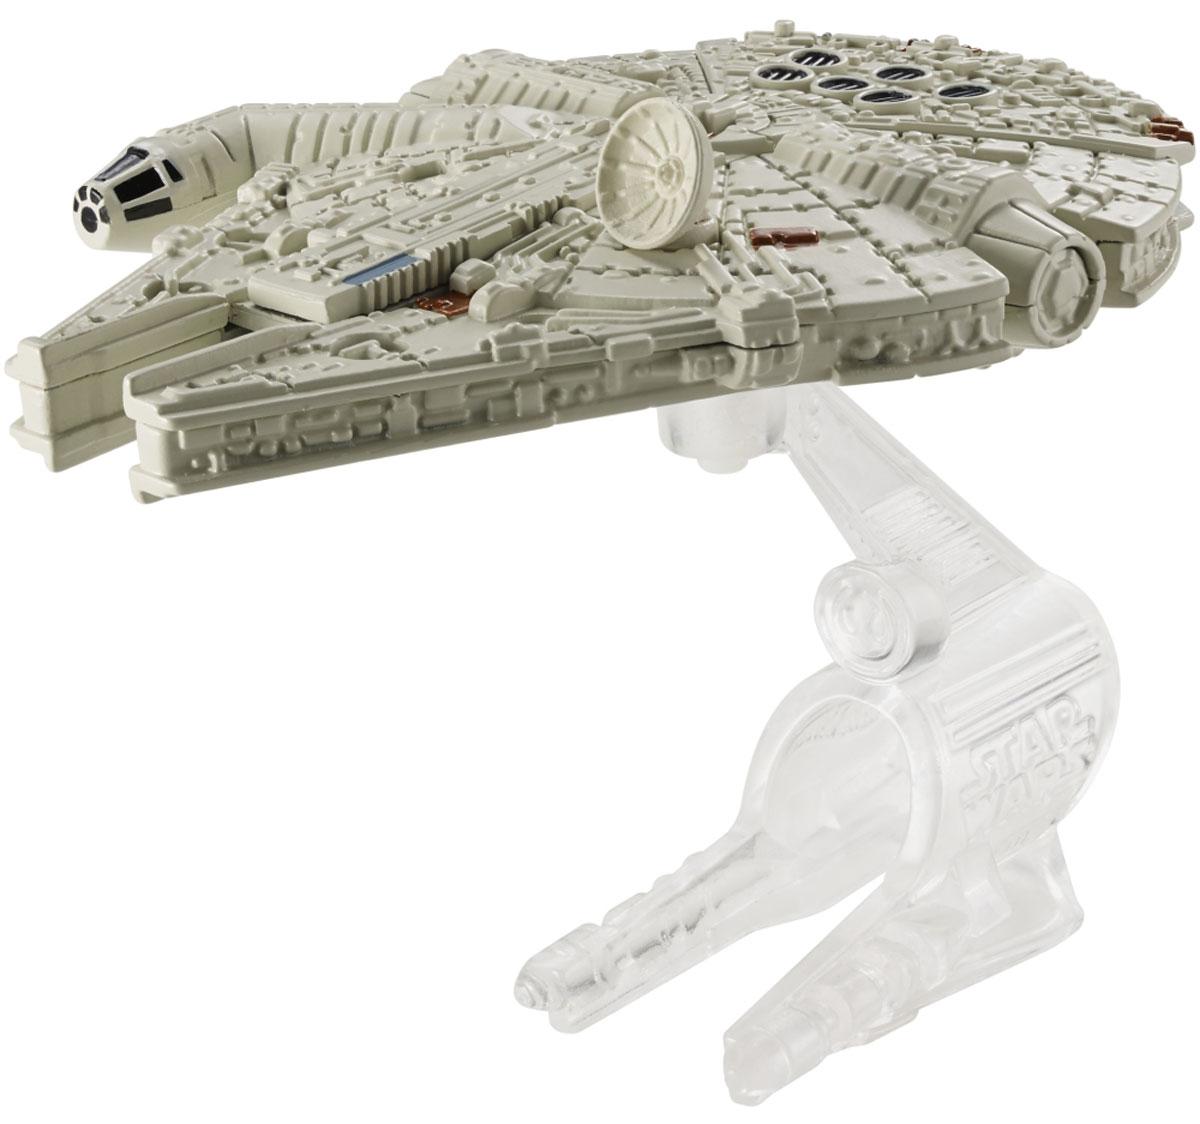 """Звездный корабль Hot Wheels """"Millennium Falcon"""" обязательно привлечет внимание поклонника фантастической саги """"Звездные воины"""". В комплекте звездный корабль и подставка. Надевайте на руку устройство Flight Navigator и запускайте корабль в полет по комнате, прямо как в гиперпространстве, или устраивайте яростные космические сражения. Flight Navigator можно также использовать как подставку для игрушек. Звездолеты совместимы с игровыми наборами Hot Wheels Star Wars (продаются отдельно)."""